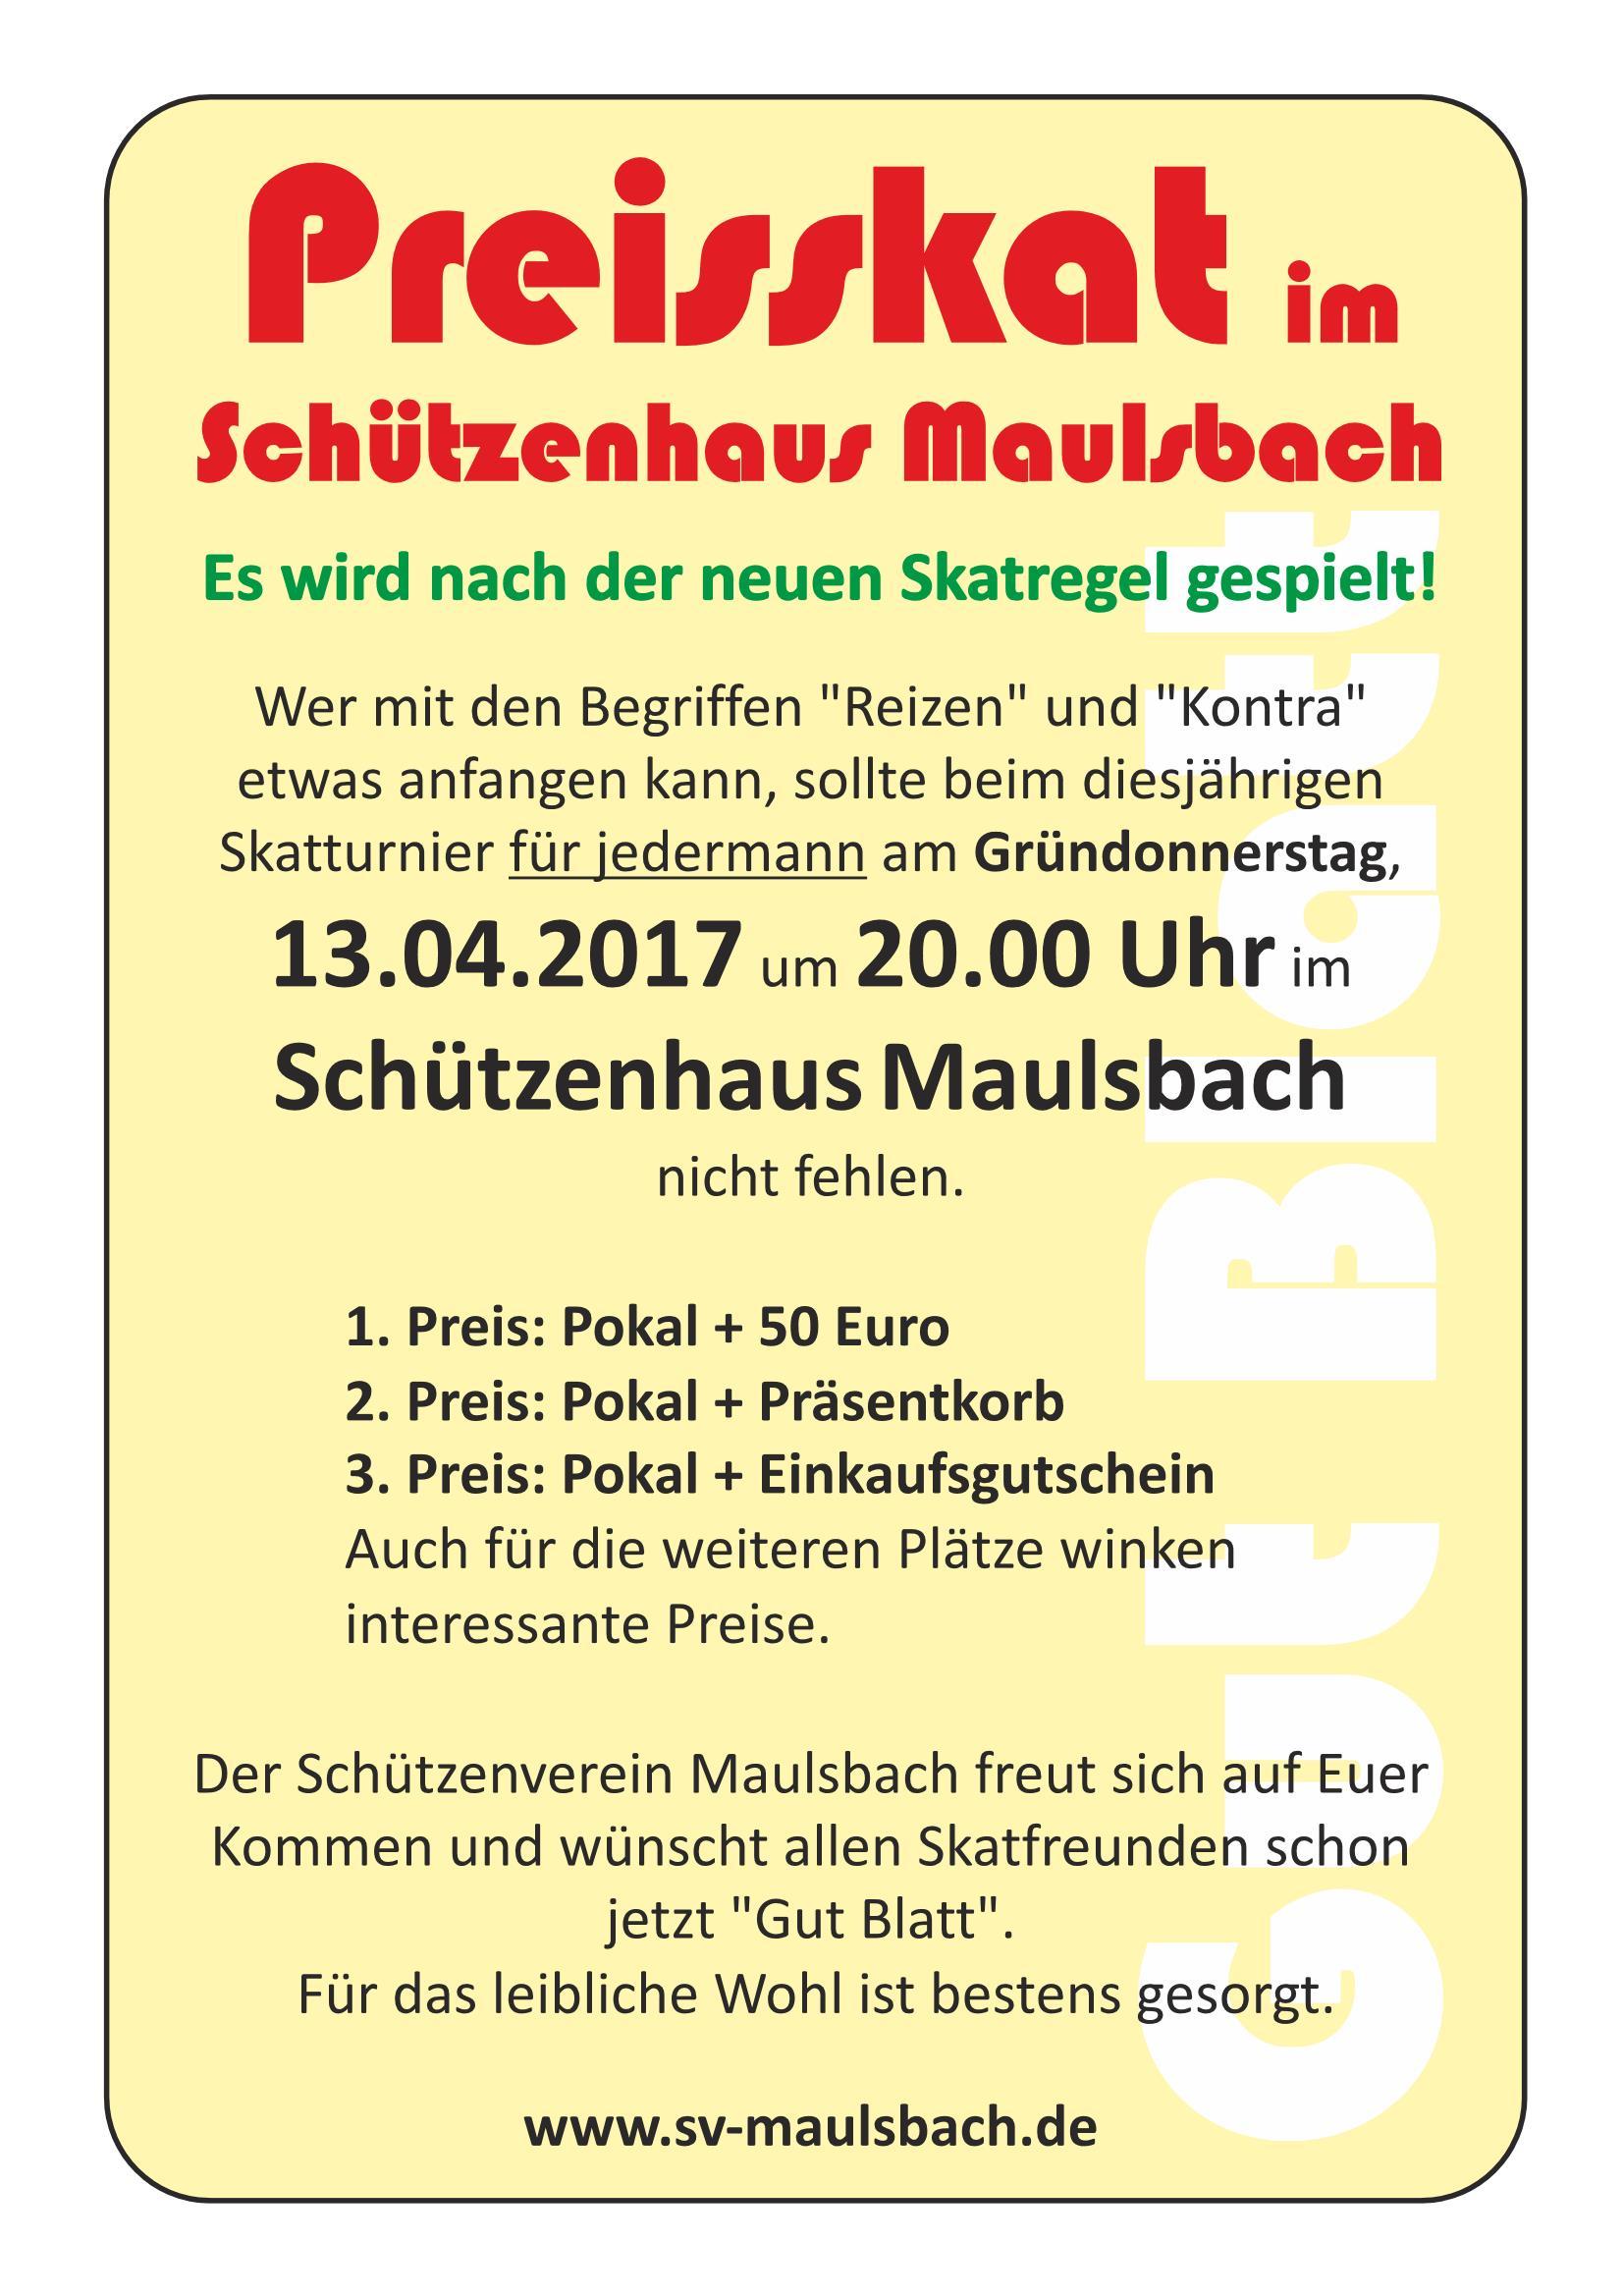 Beste Spielothek in Hirz-Maulsbach finden